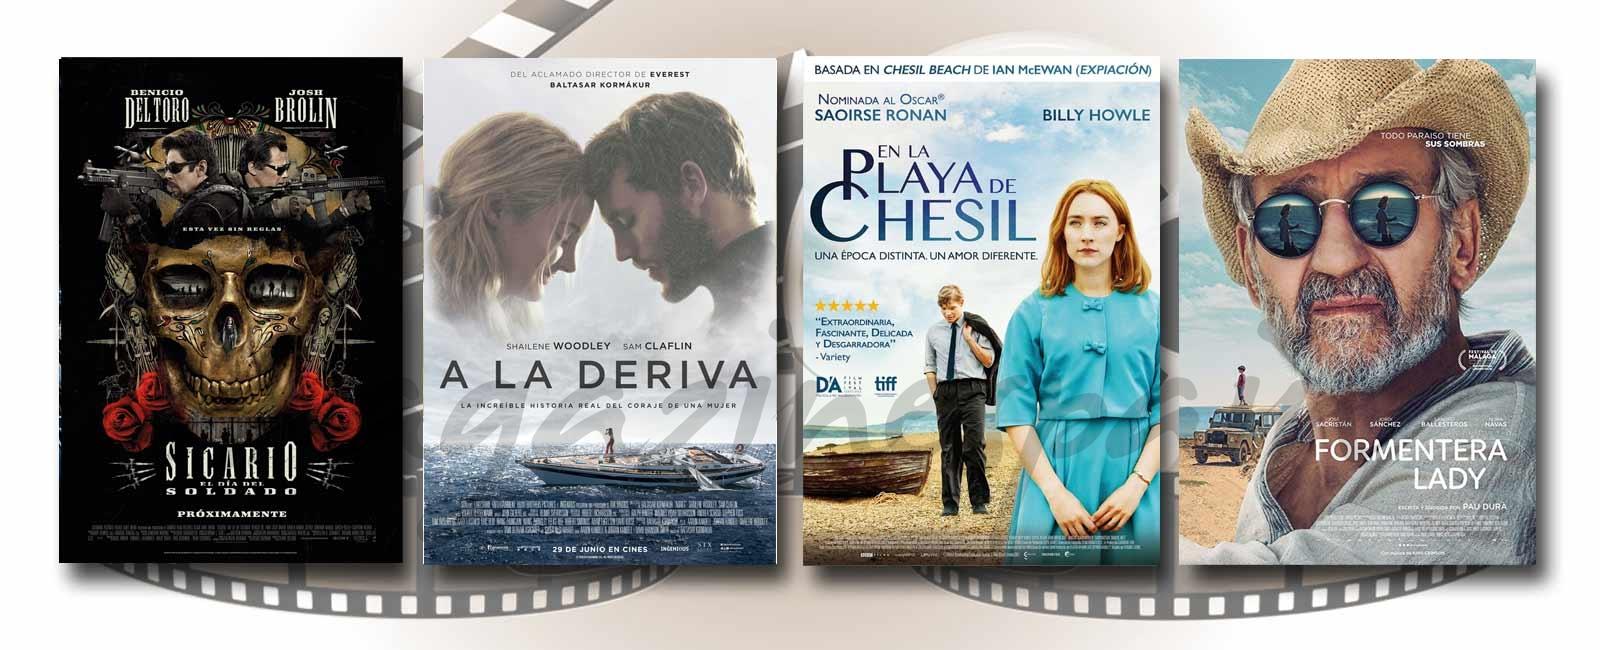 Estrenos de Cine de la Semana… 29 de Junio 2018